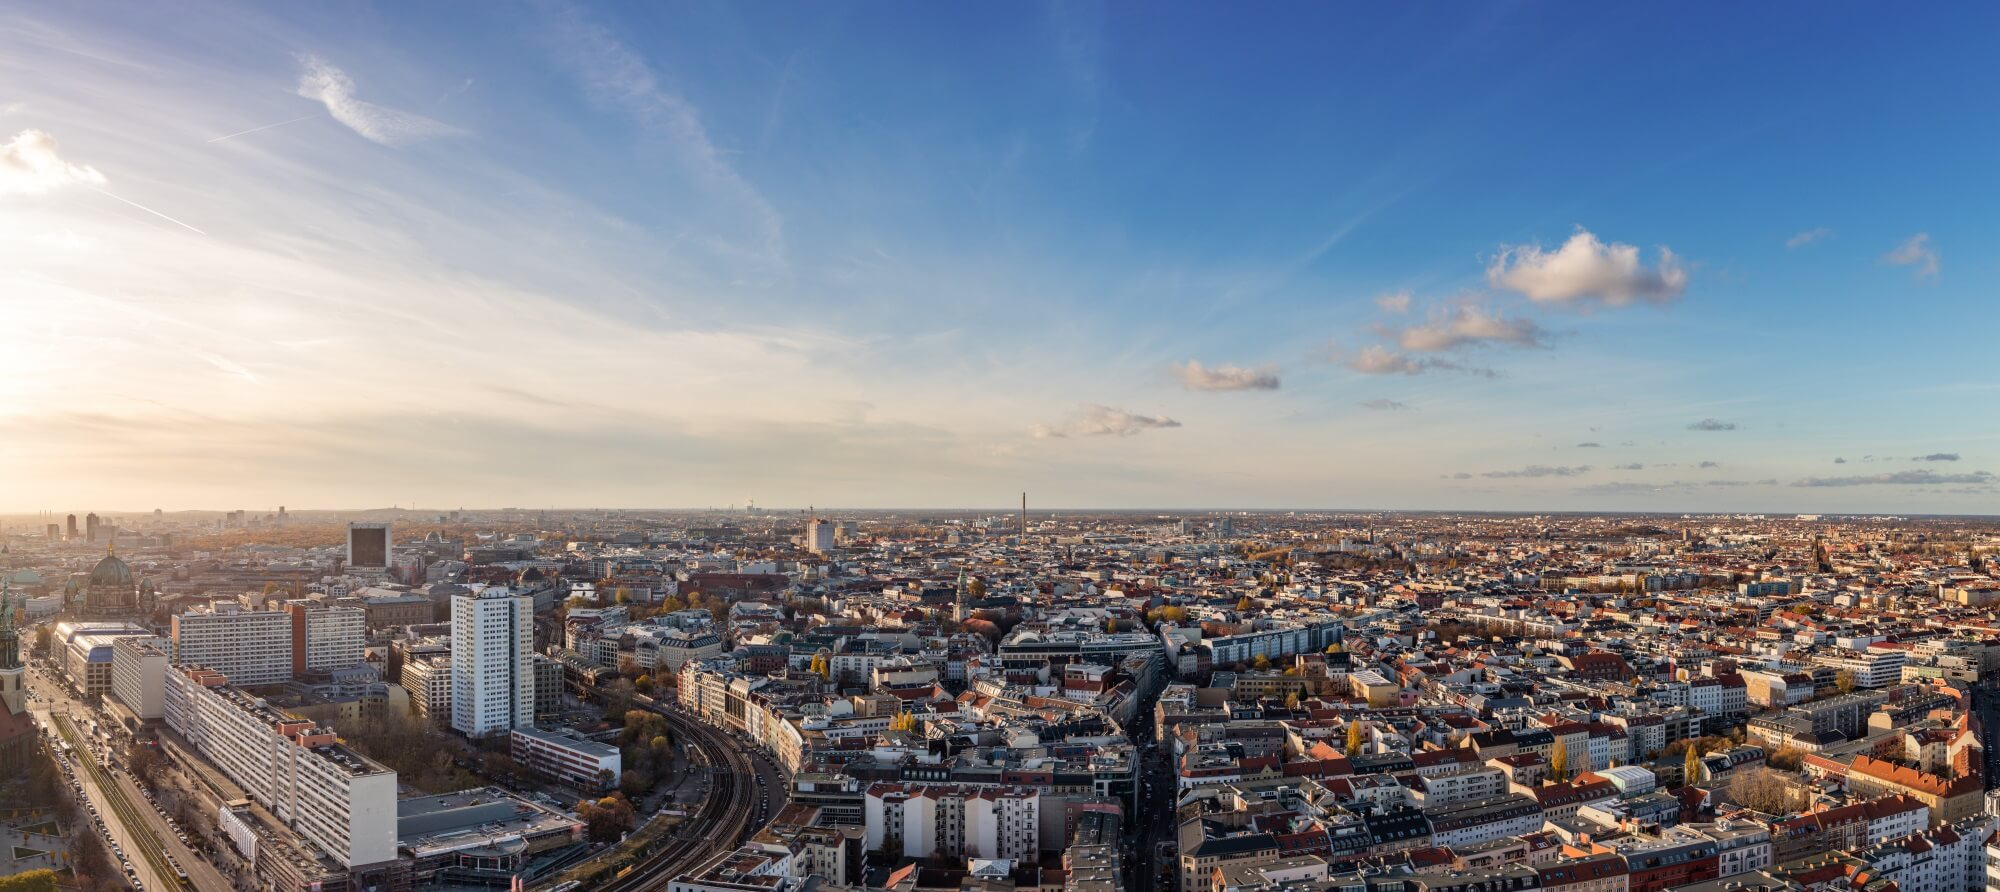 Digitale Planungs- und Entscheidungsunterstützung für die Stadtentwicklung